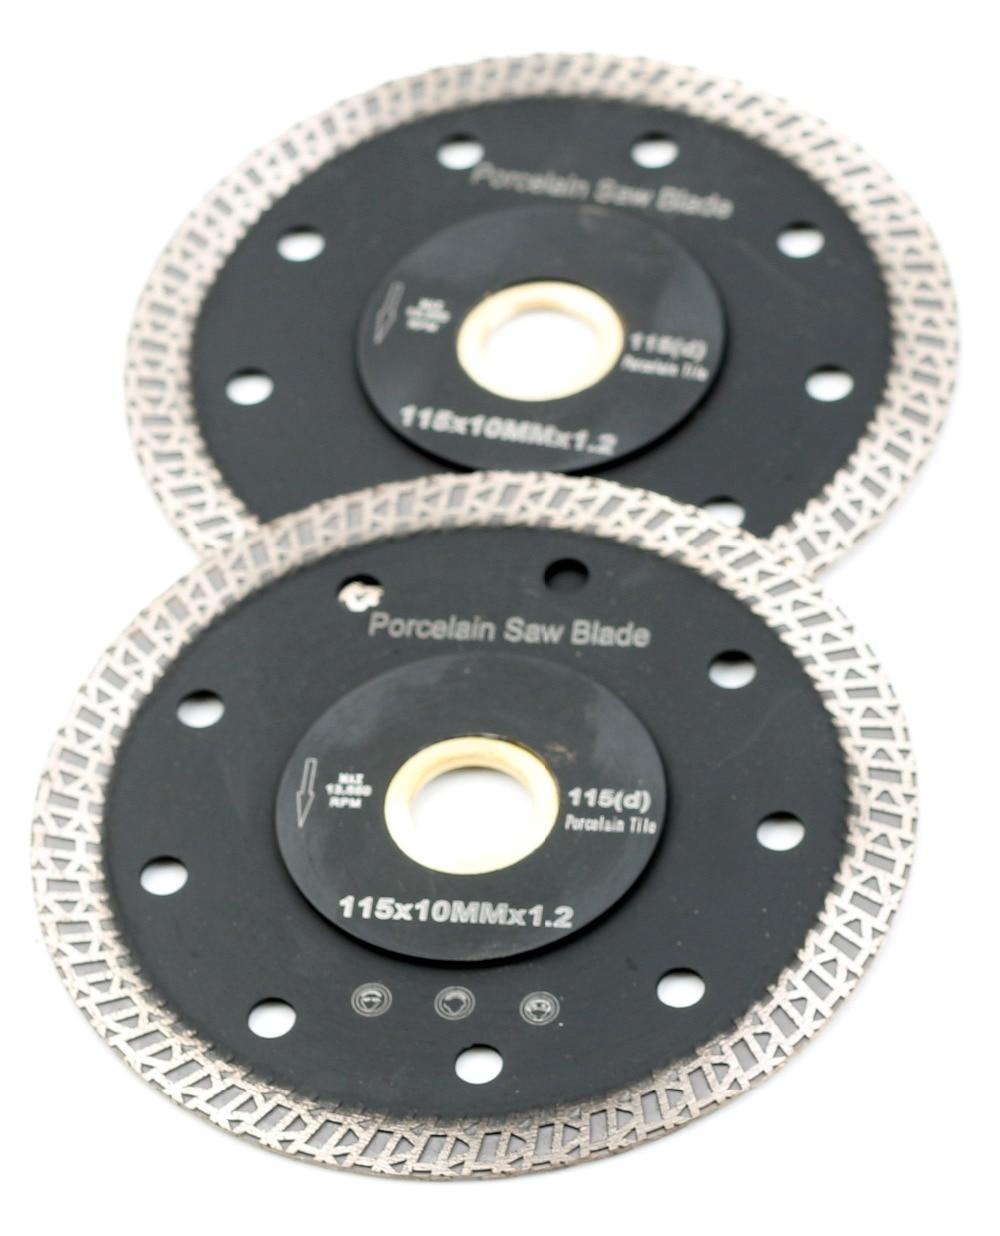 Сверхтонкое лезвие для резки фарфоровой плитки, 4,5 дюйма, D115mm